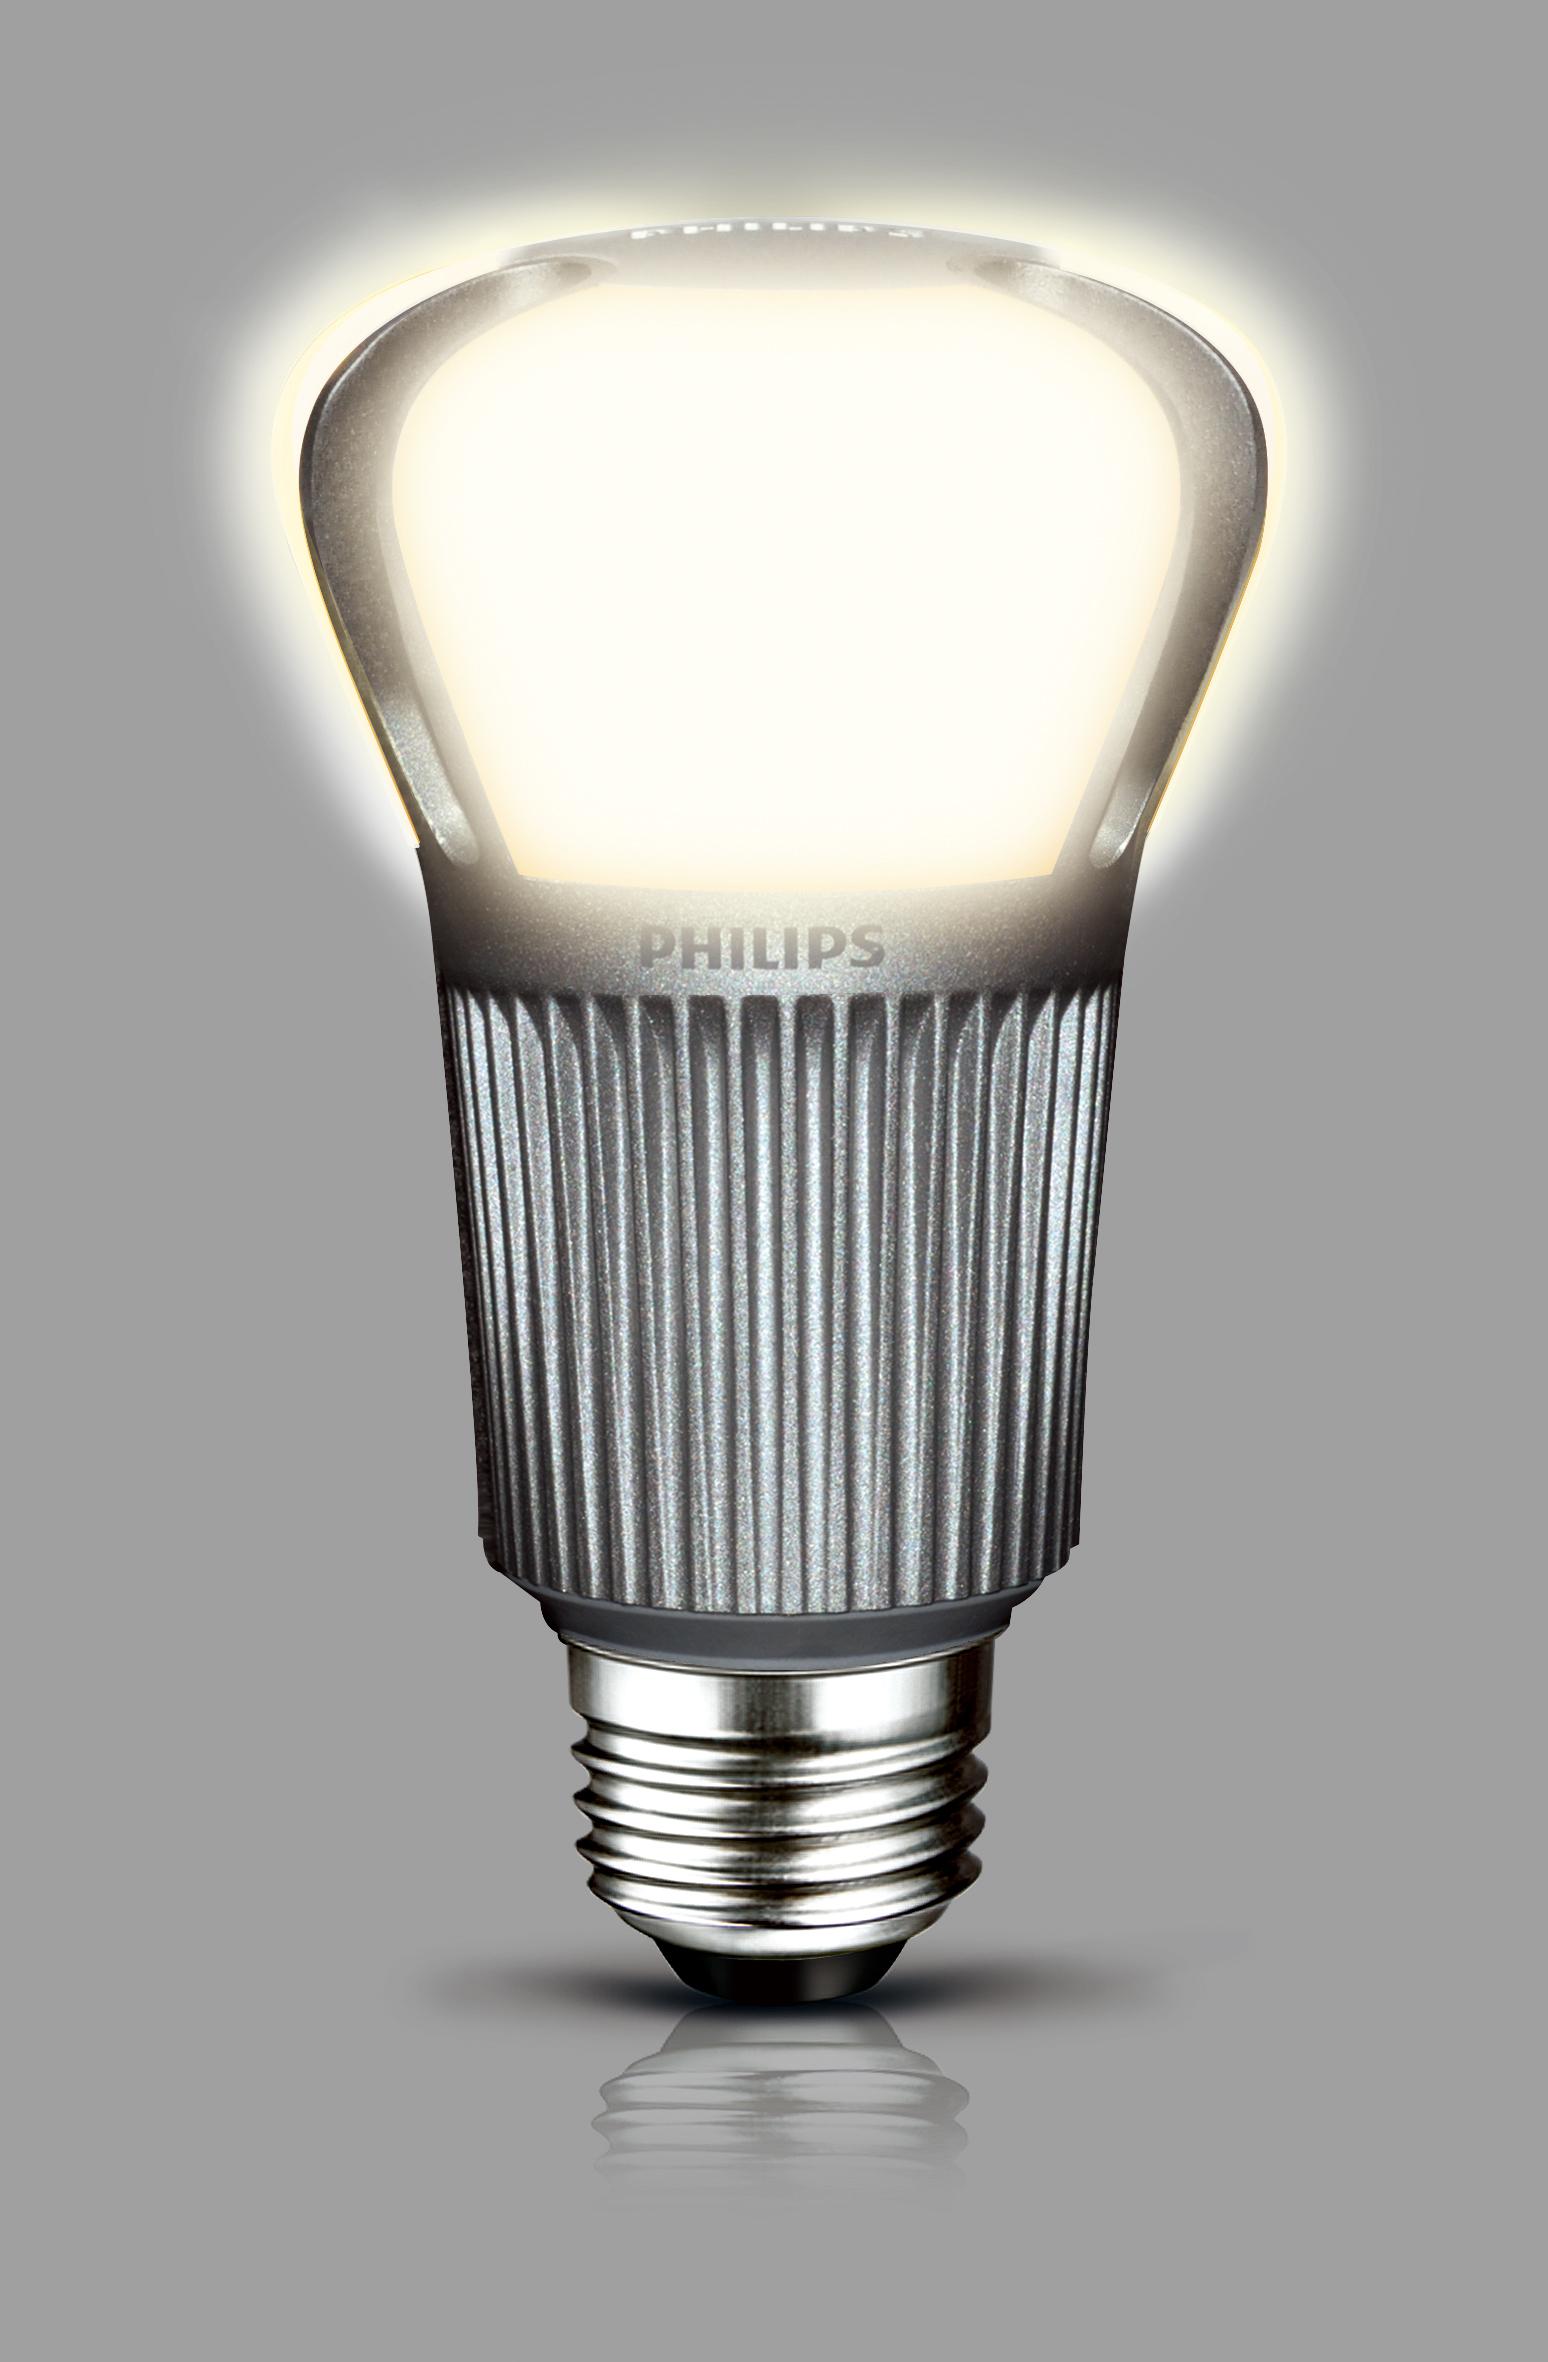 Philips erweitert das angebot an led lampen